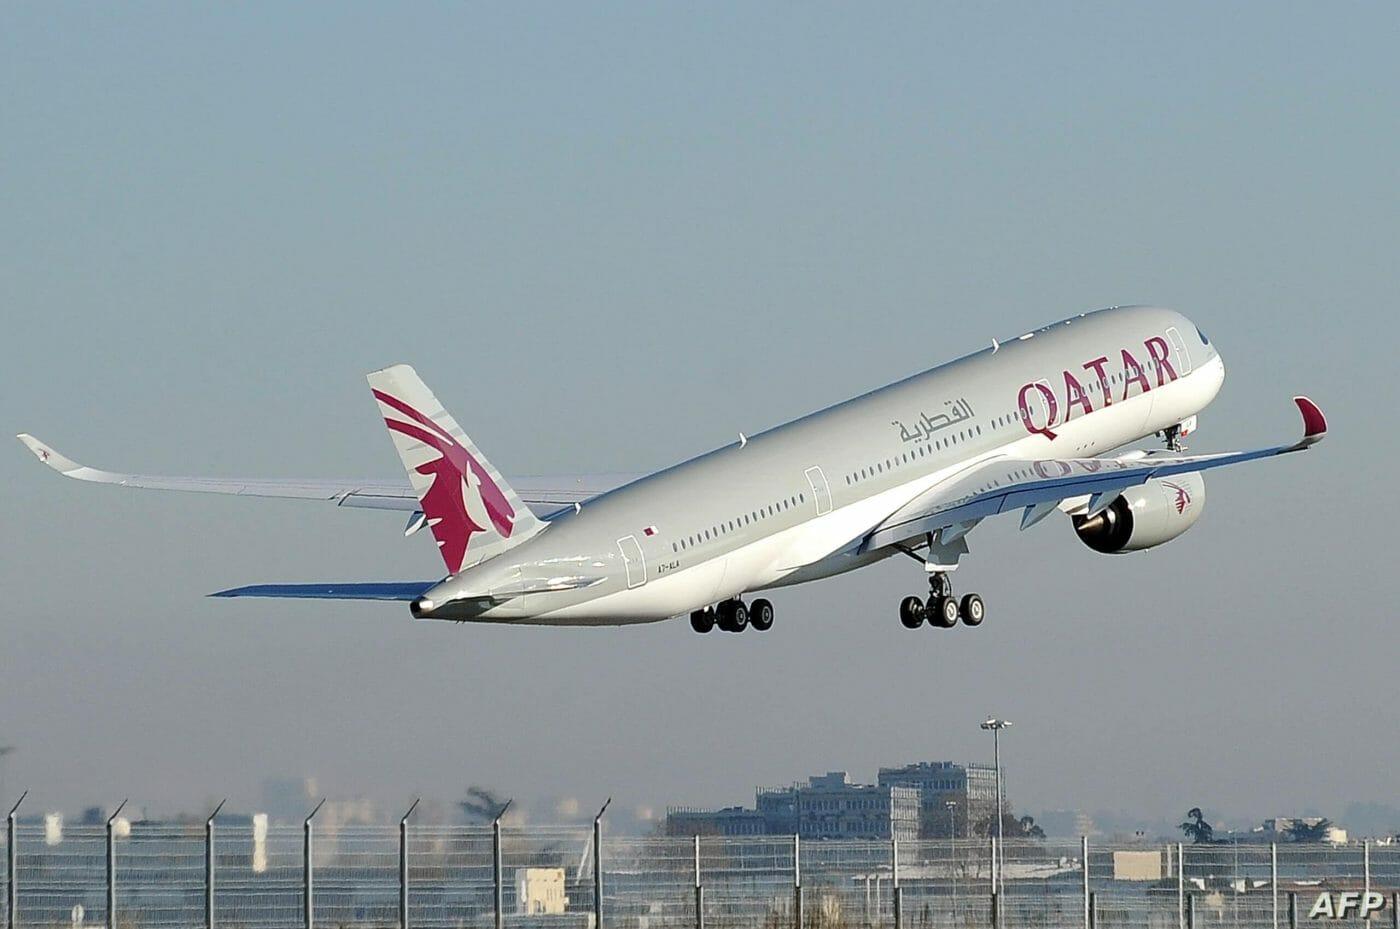 هل قررت مصر صاغرة فتح مجالها الجوي أمام الطيران القطري كما فعلت السعودية؟!